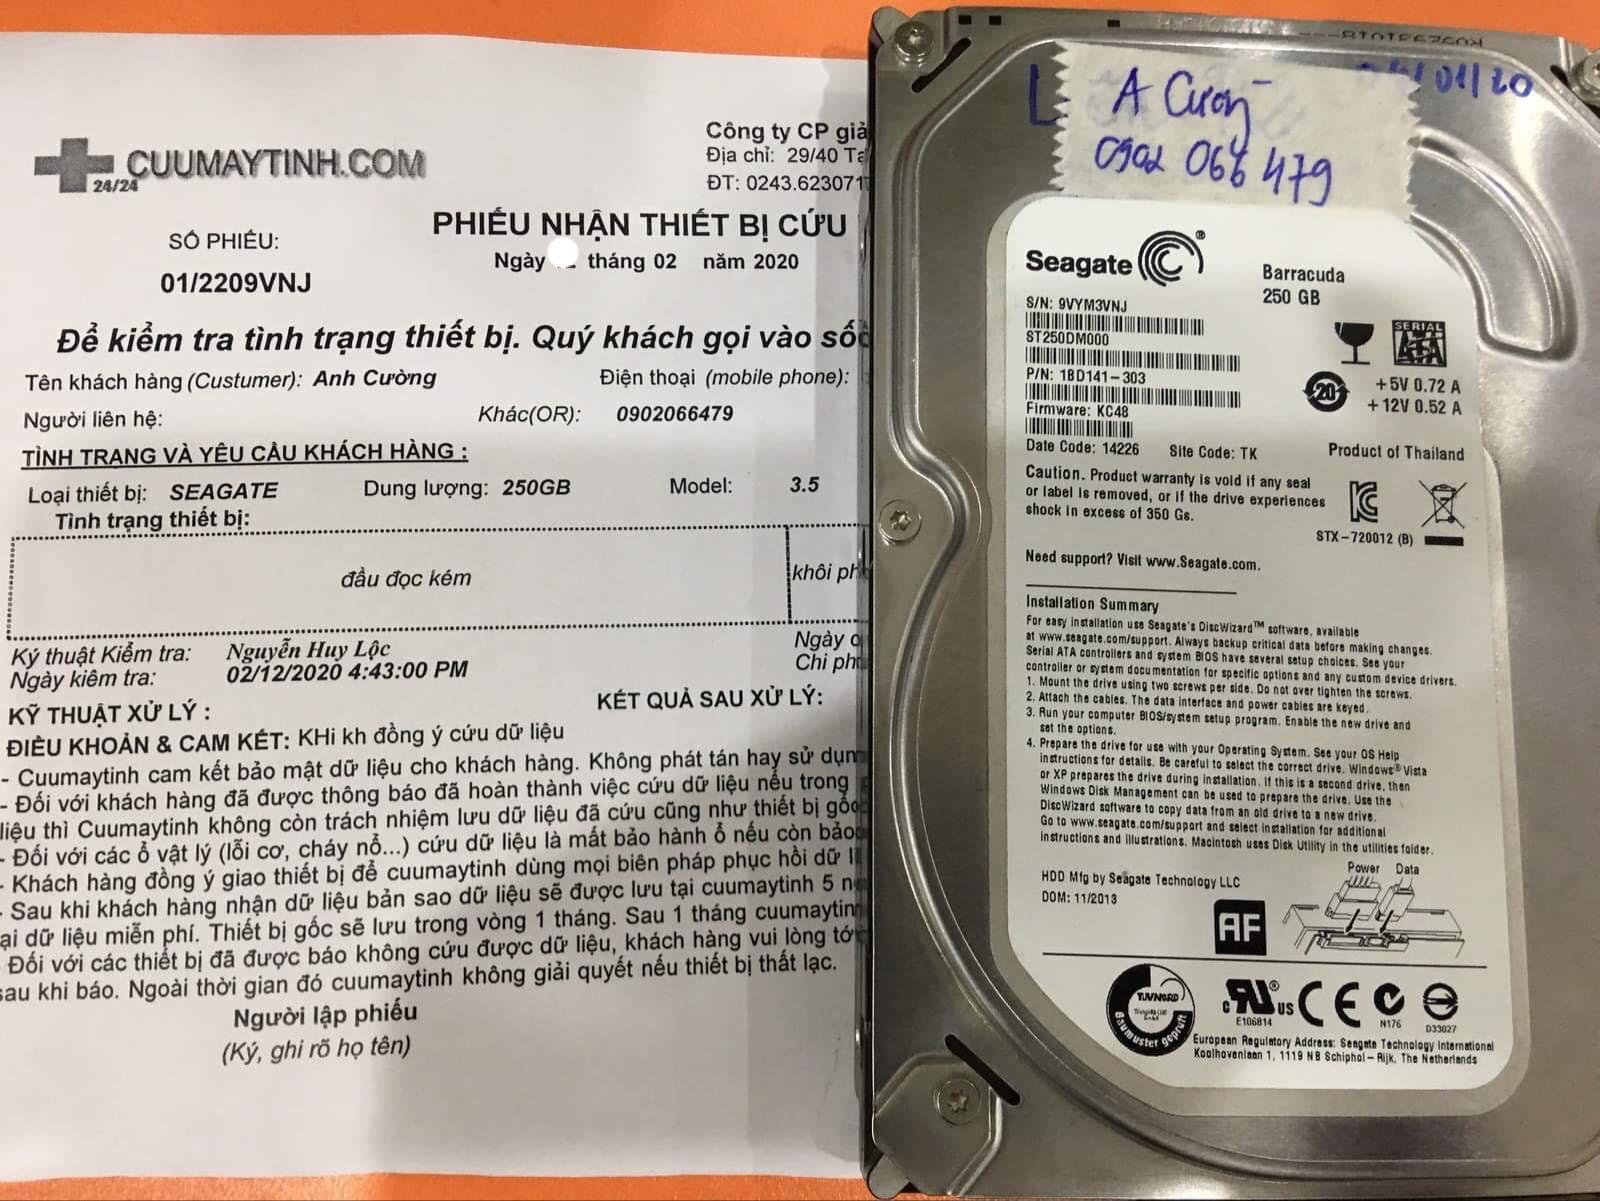 Lấy dữ liệu ổ cứng Seagate 250GB đầu đọc kém 19/02/2020 - cuumaytinh